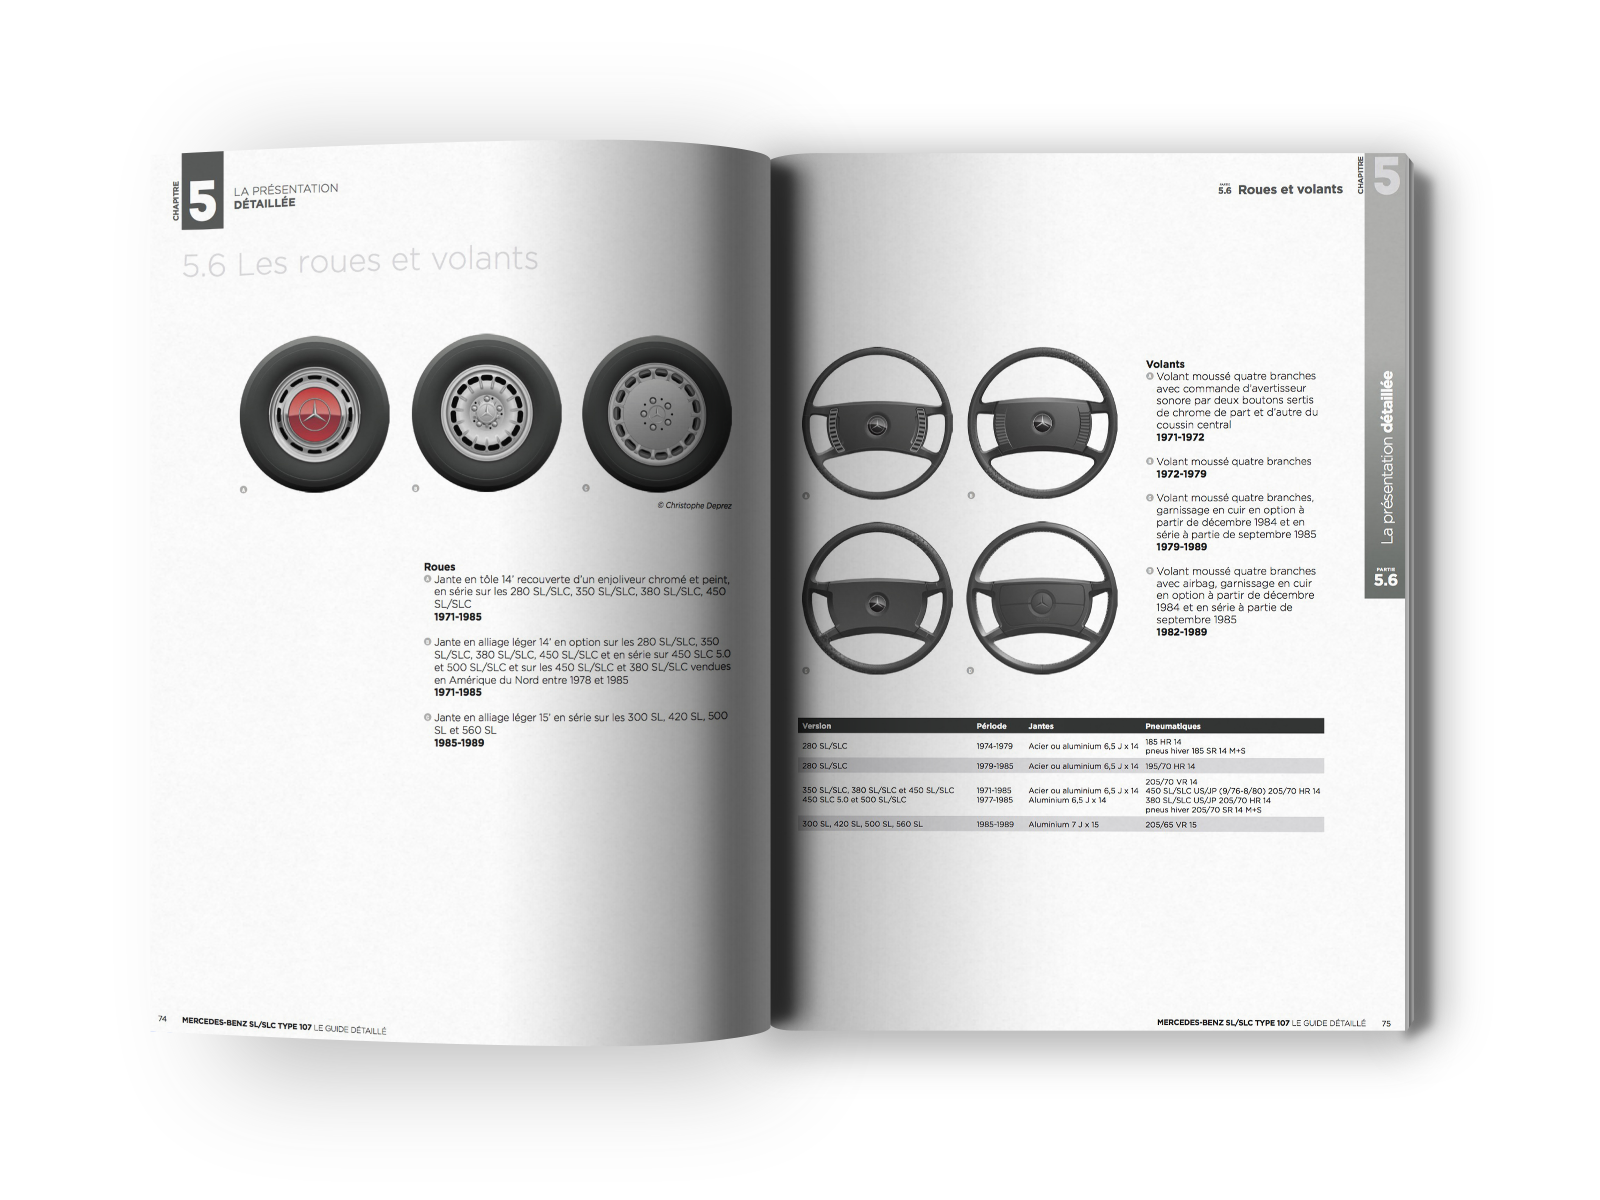 Extrait du Guide de la Mercedes SL / SLC type 107 chapitre 5.6